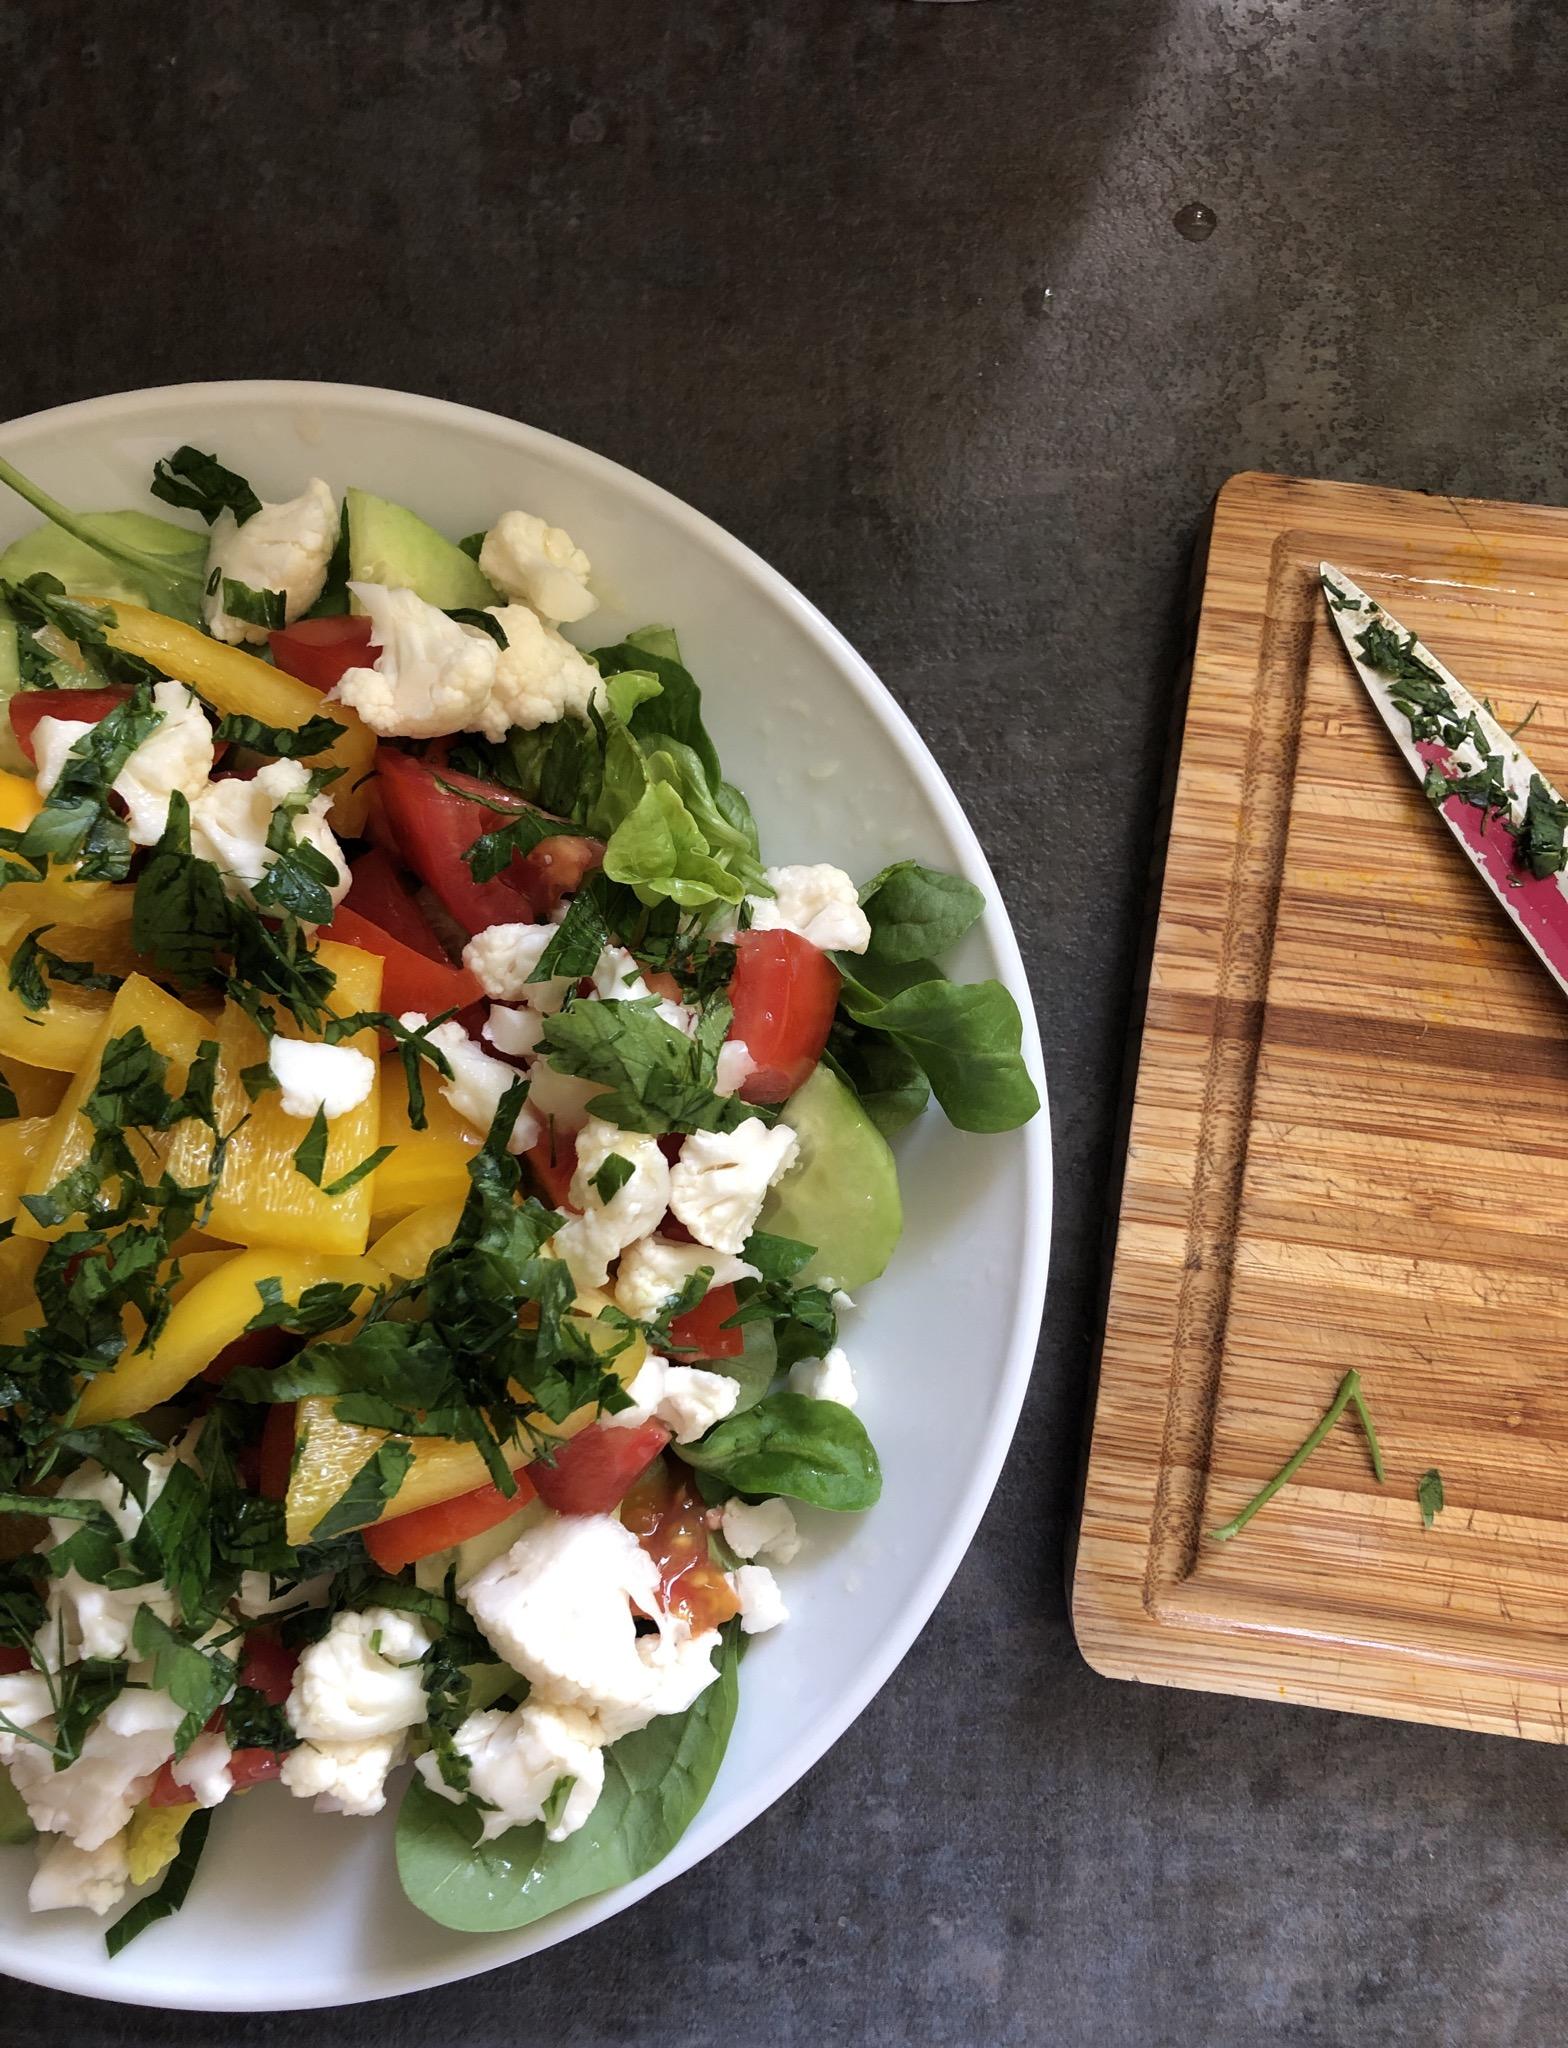 Gesundes Essen - Natürlich vollwertige Ernährung